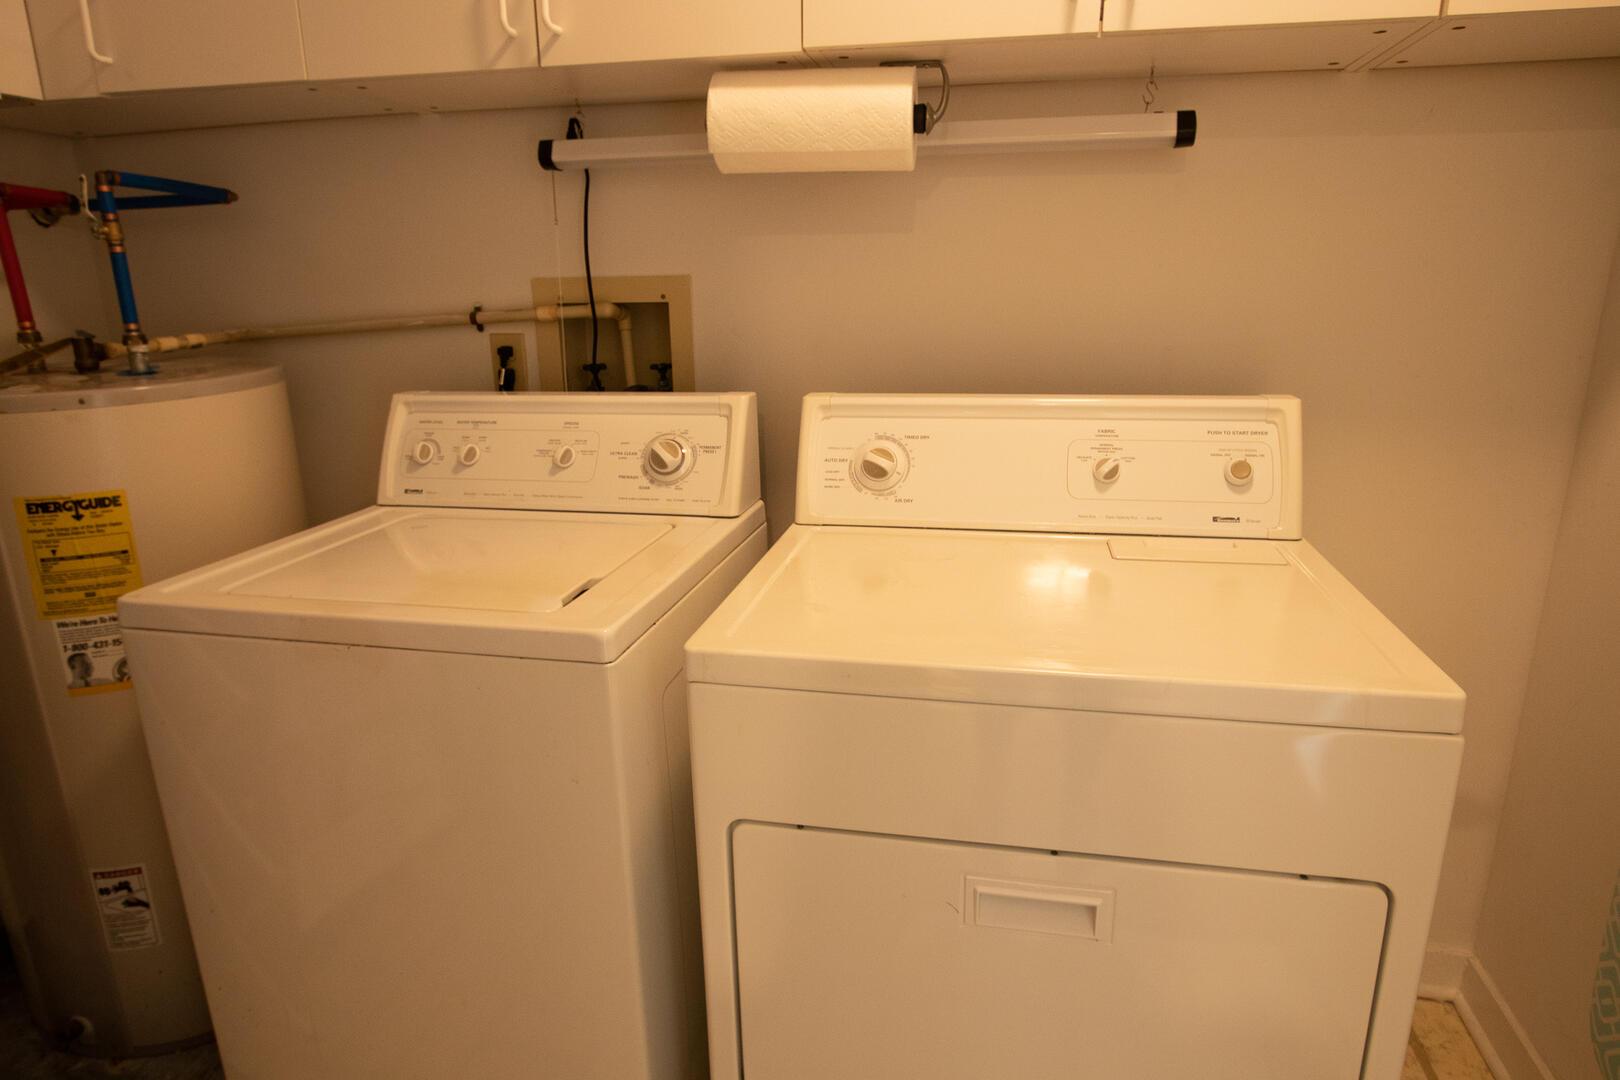 Laundry, 2nd floor, between bedrooms 1 and 2